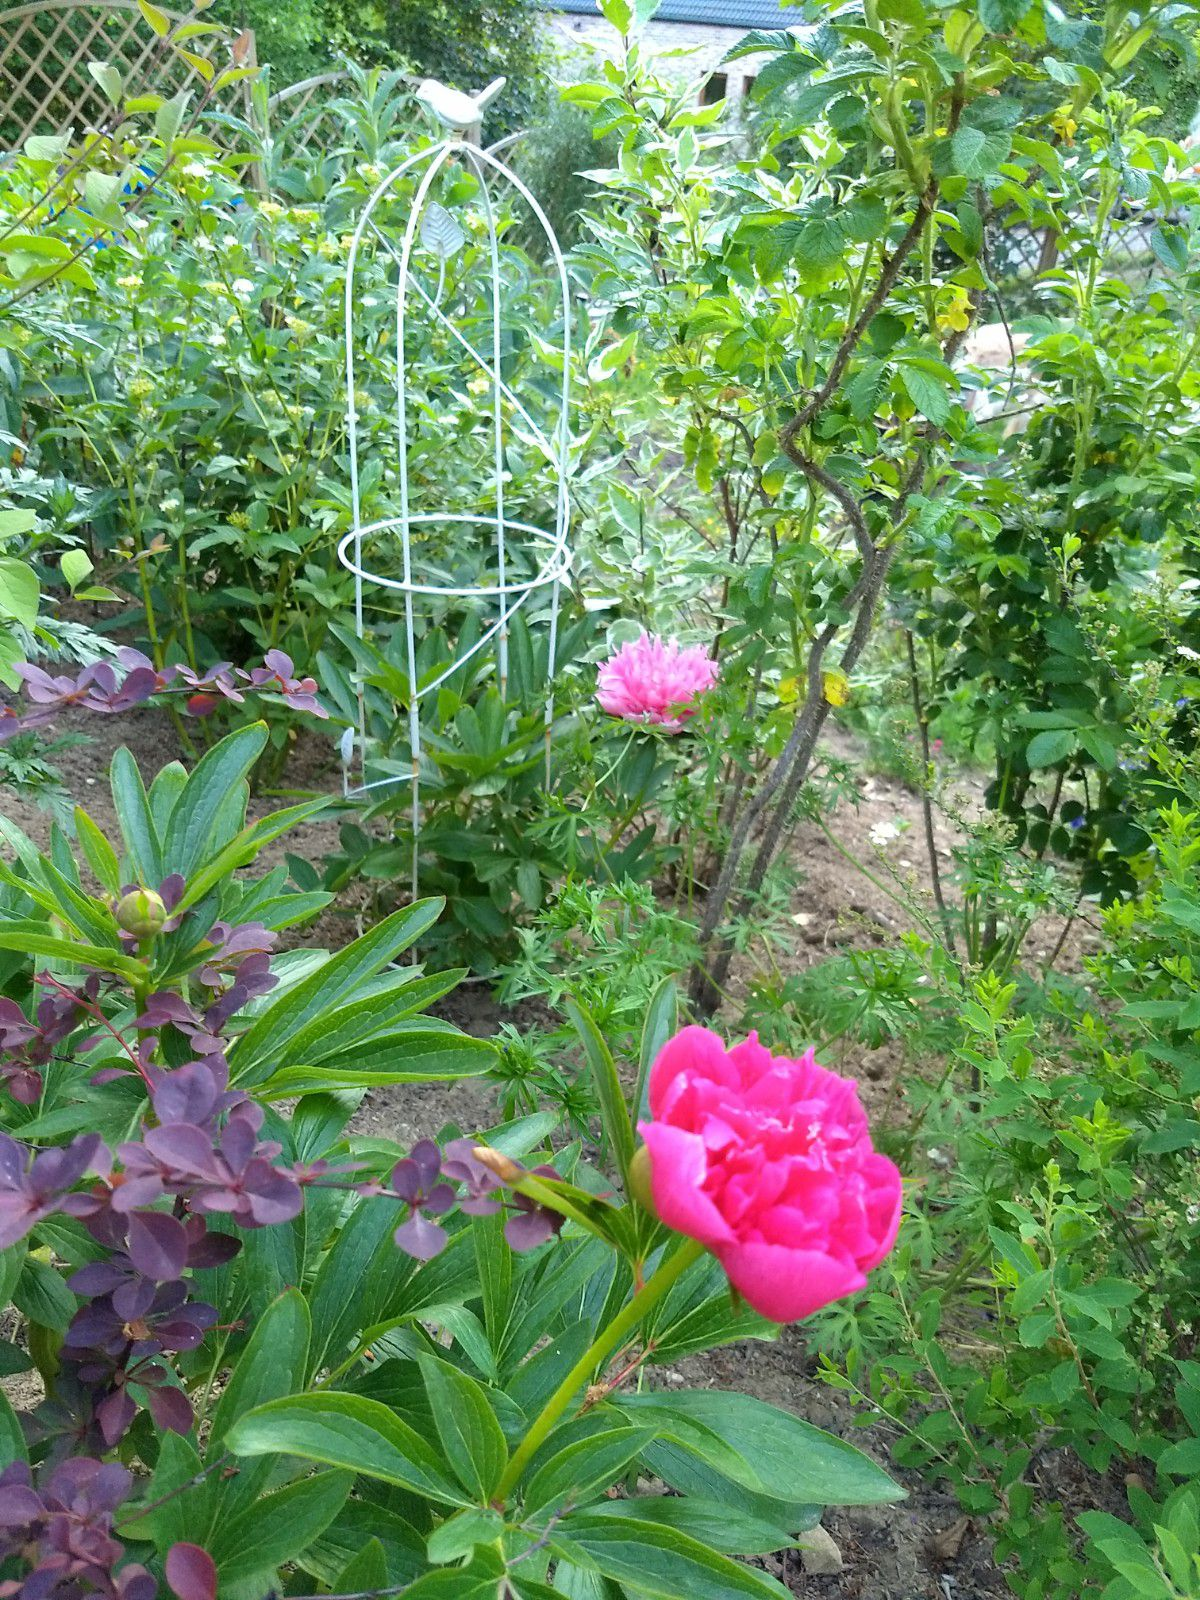 Mon jardin, mon refuge